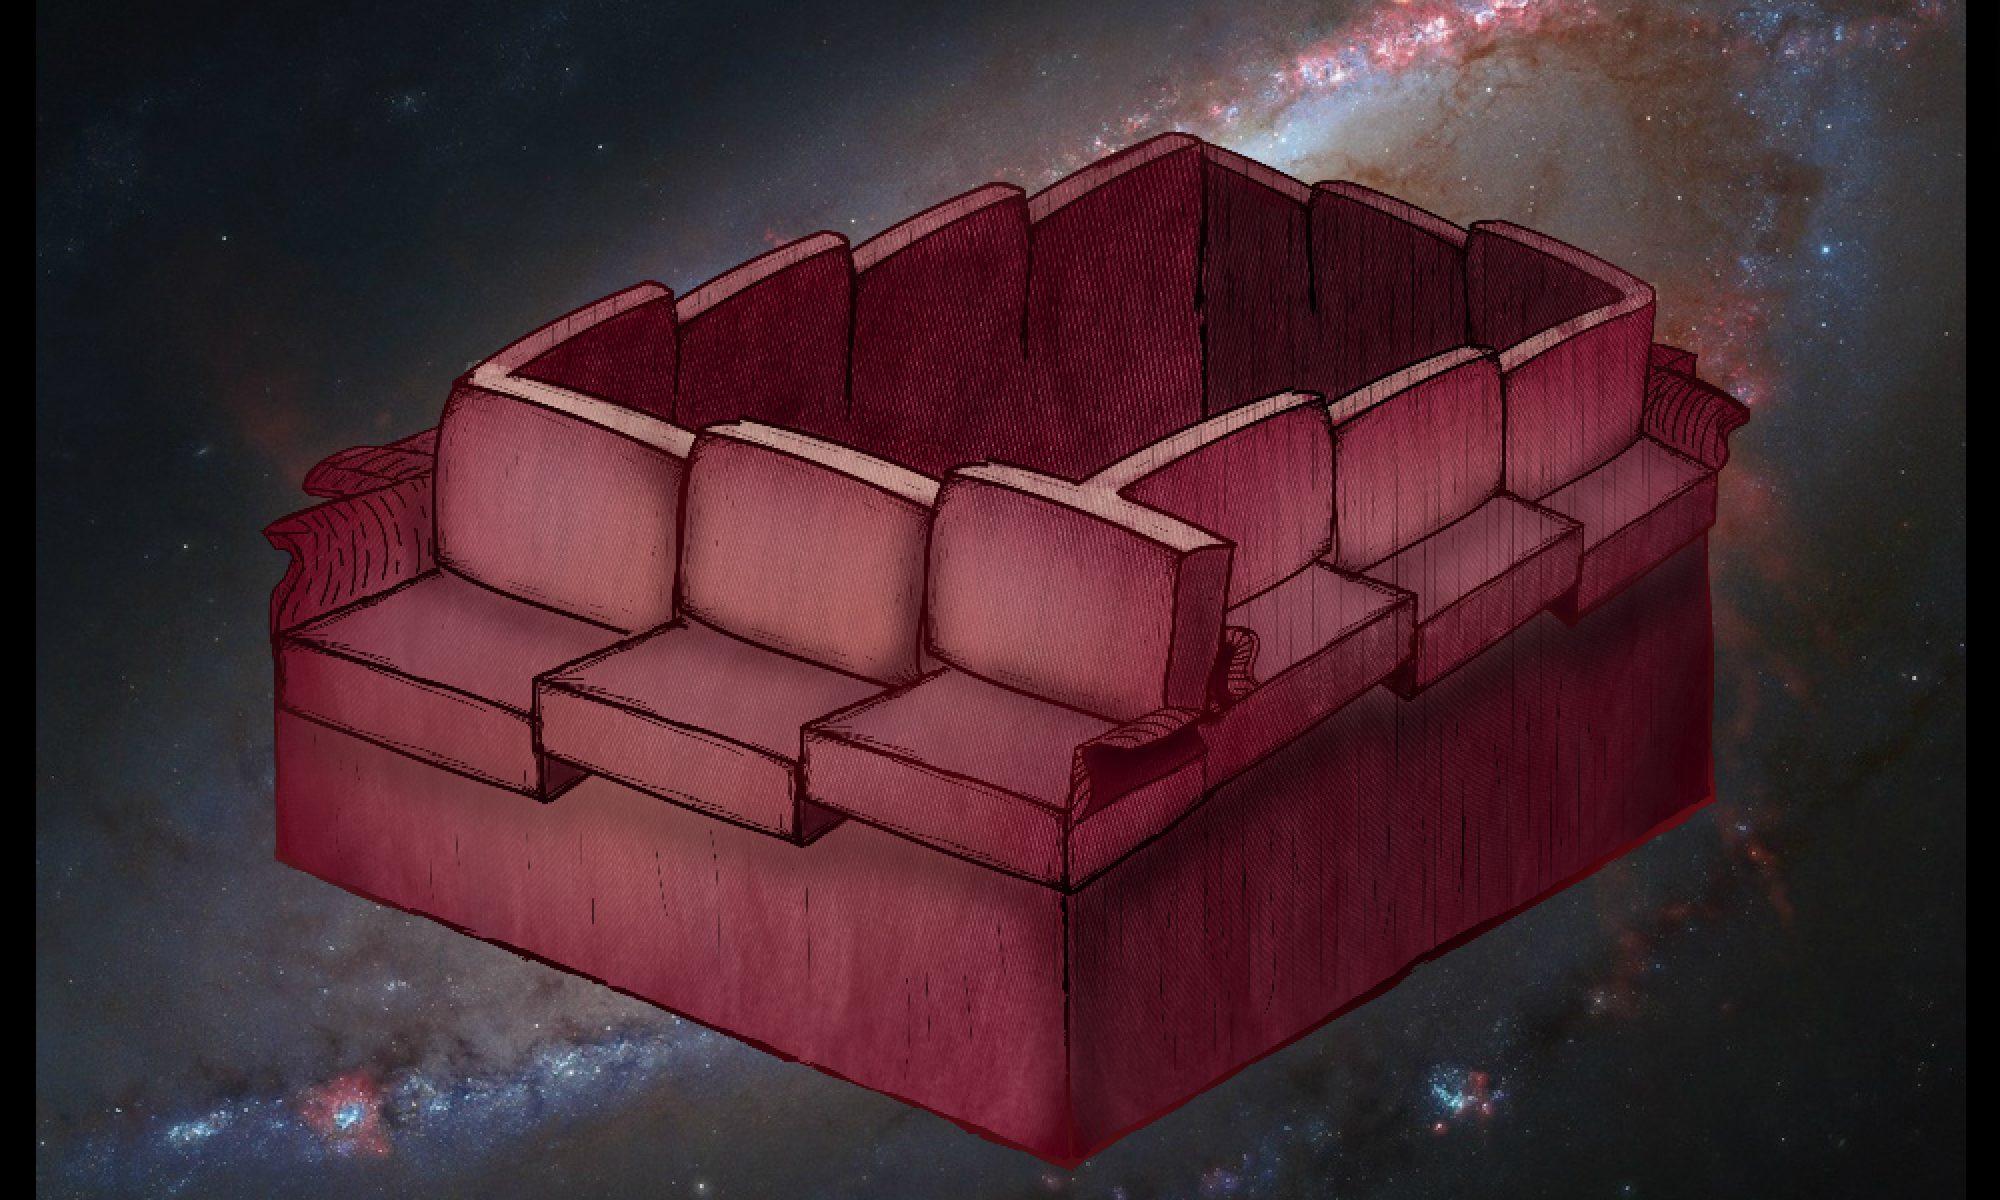 Non-Euclidean Sofa